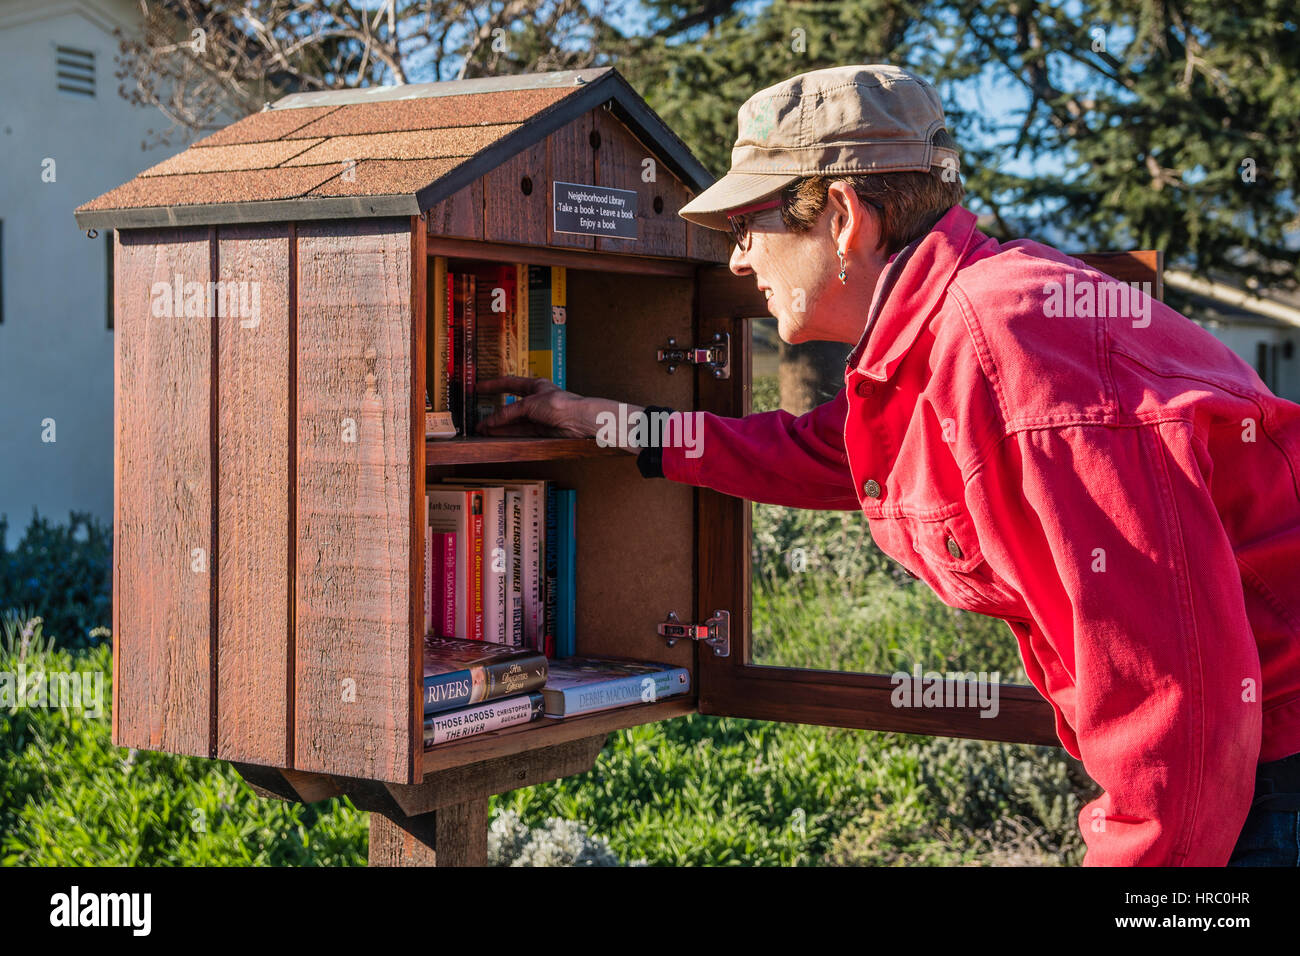 Una mujer que navega a través de la selección de libros en una pequeña biblioteca libre en su vecindario. Imagen De Stock